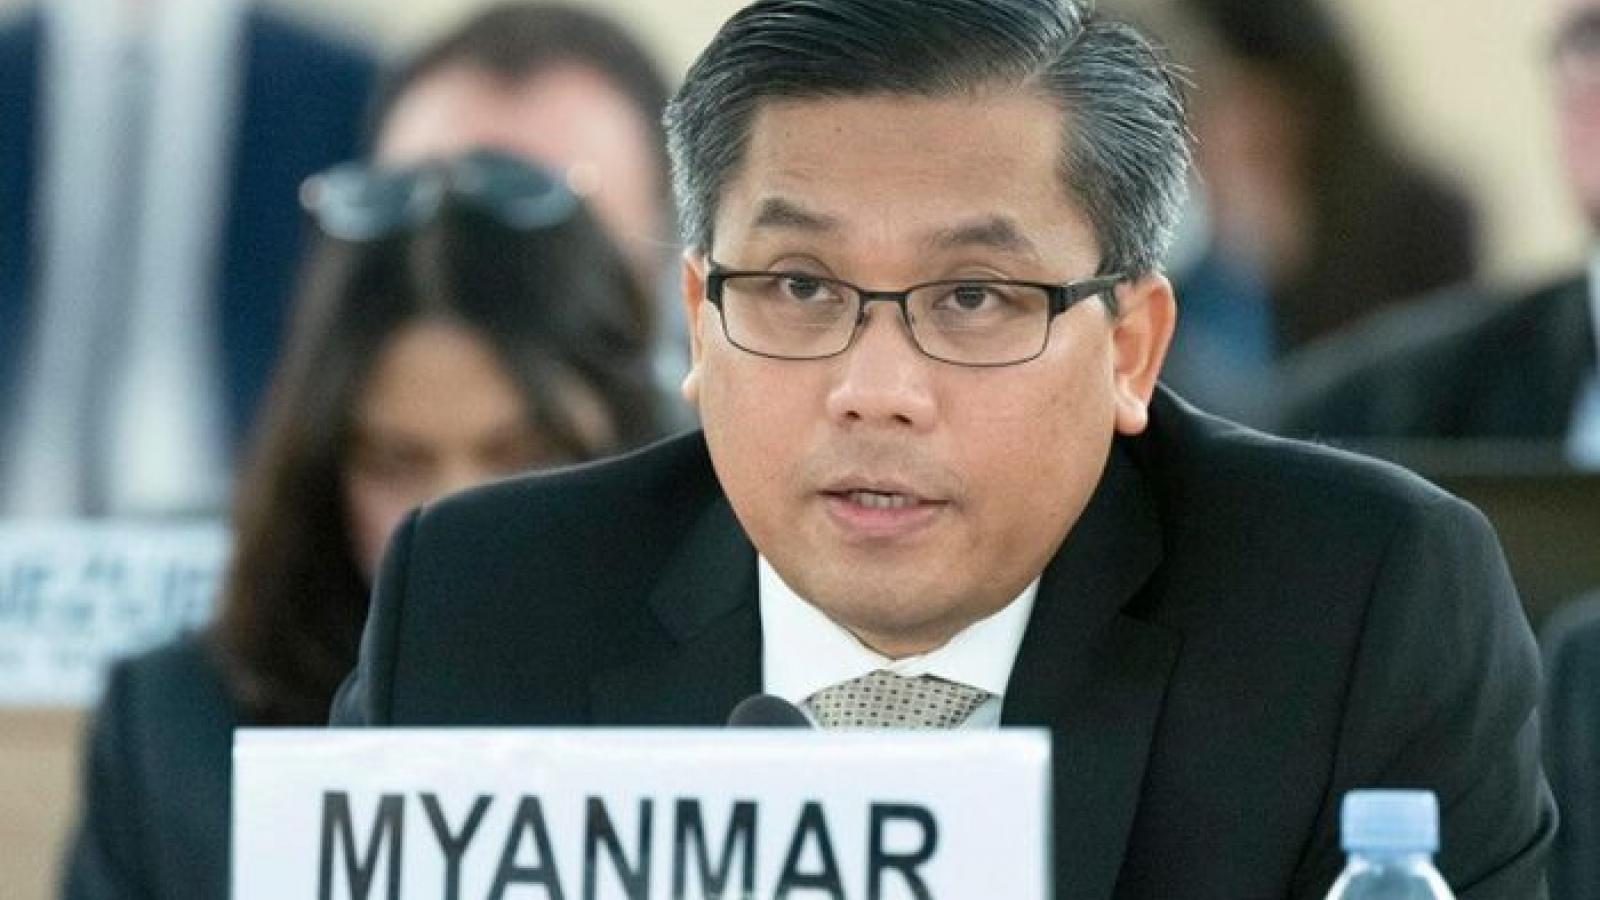 Đại sứ Myanmar tại Liên Hợp Quốc kêu gọi cộng đồng quốc tế gây sức ép với quân đội